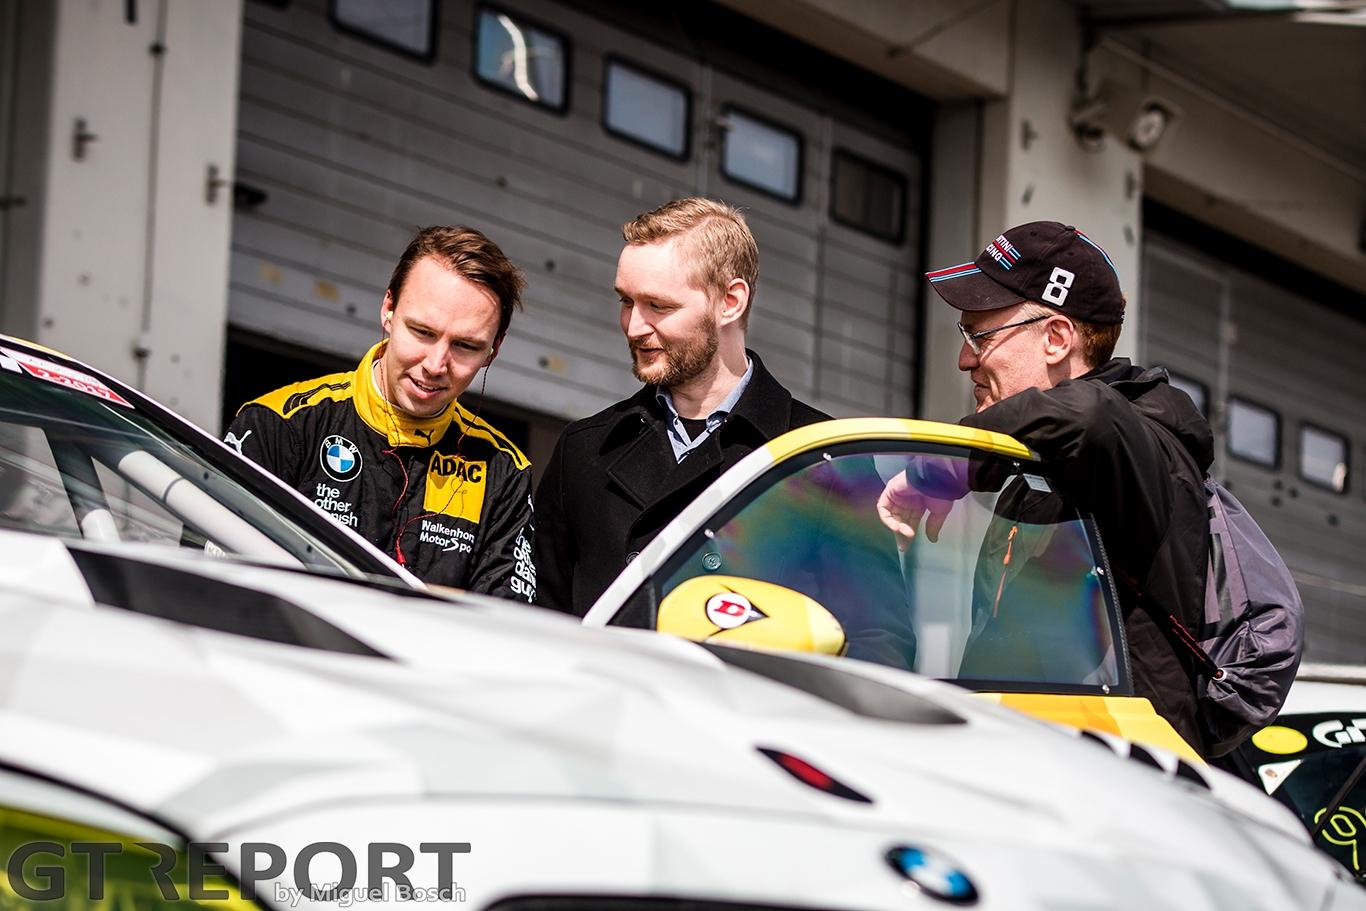 2017 VLN02 Christian Krognes 04 Miguel Bosch GT REPORT